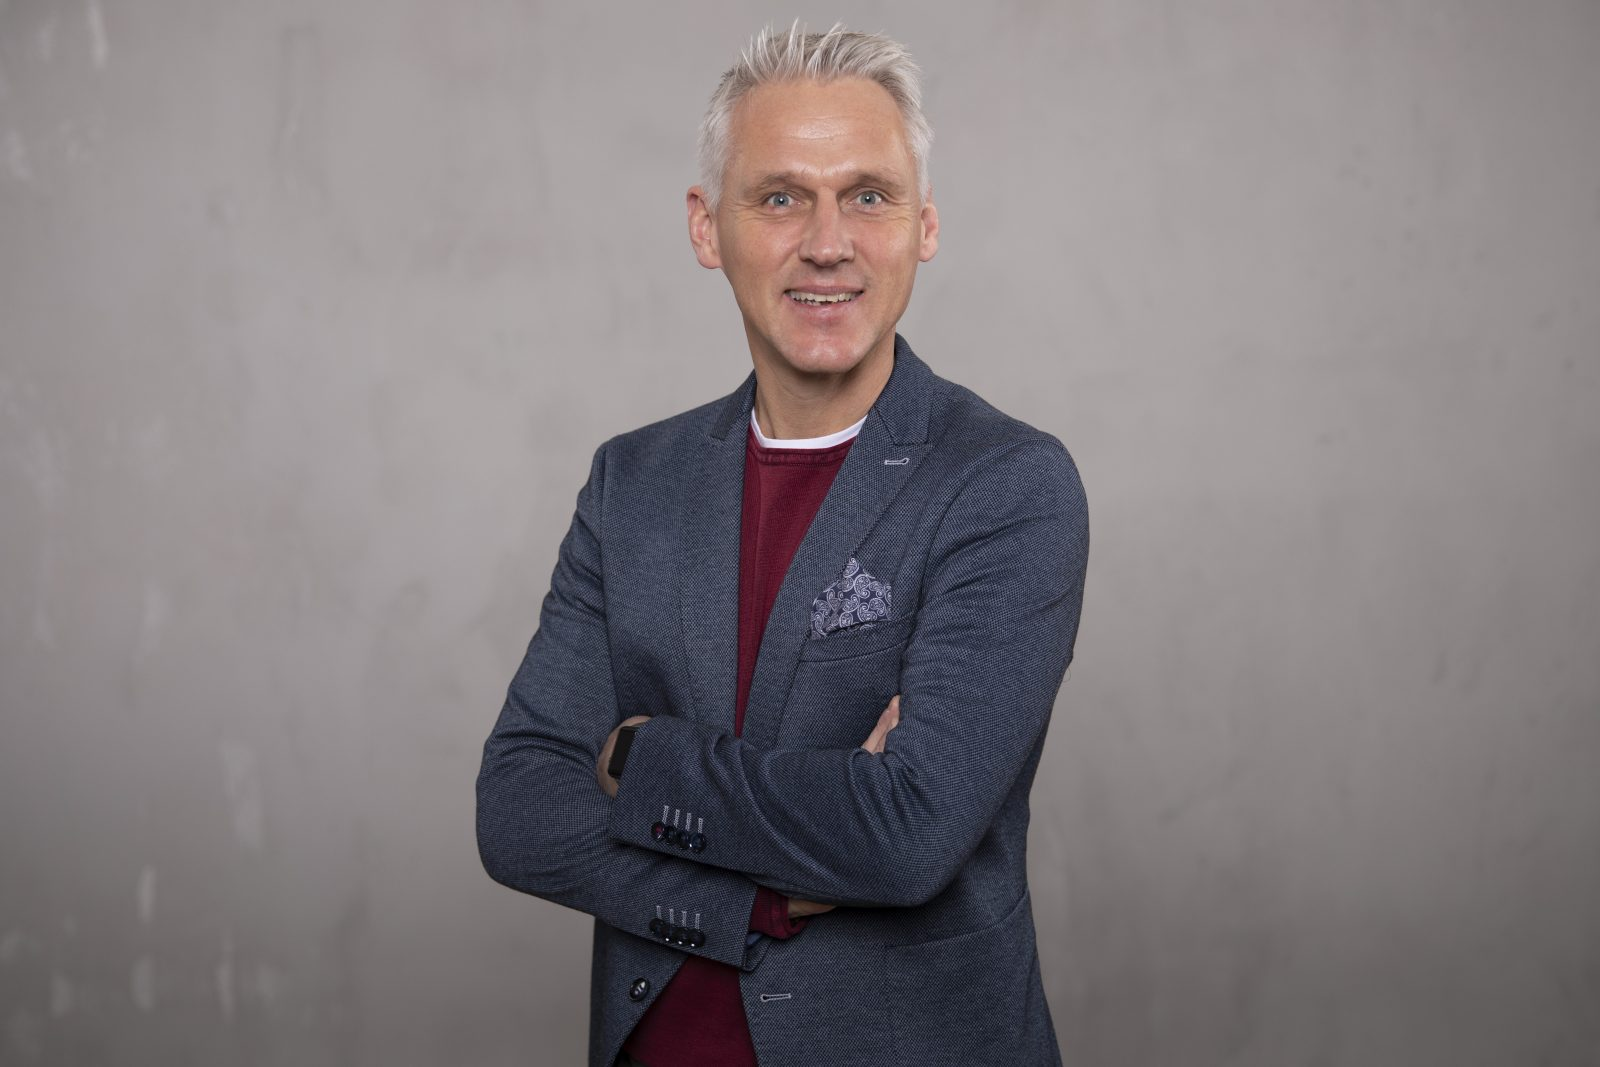 Marc Freyberg von Brax spricht über Vertrauen